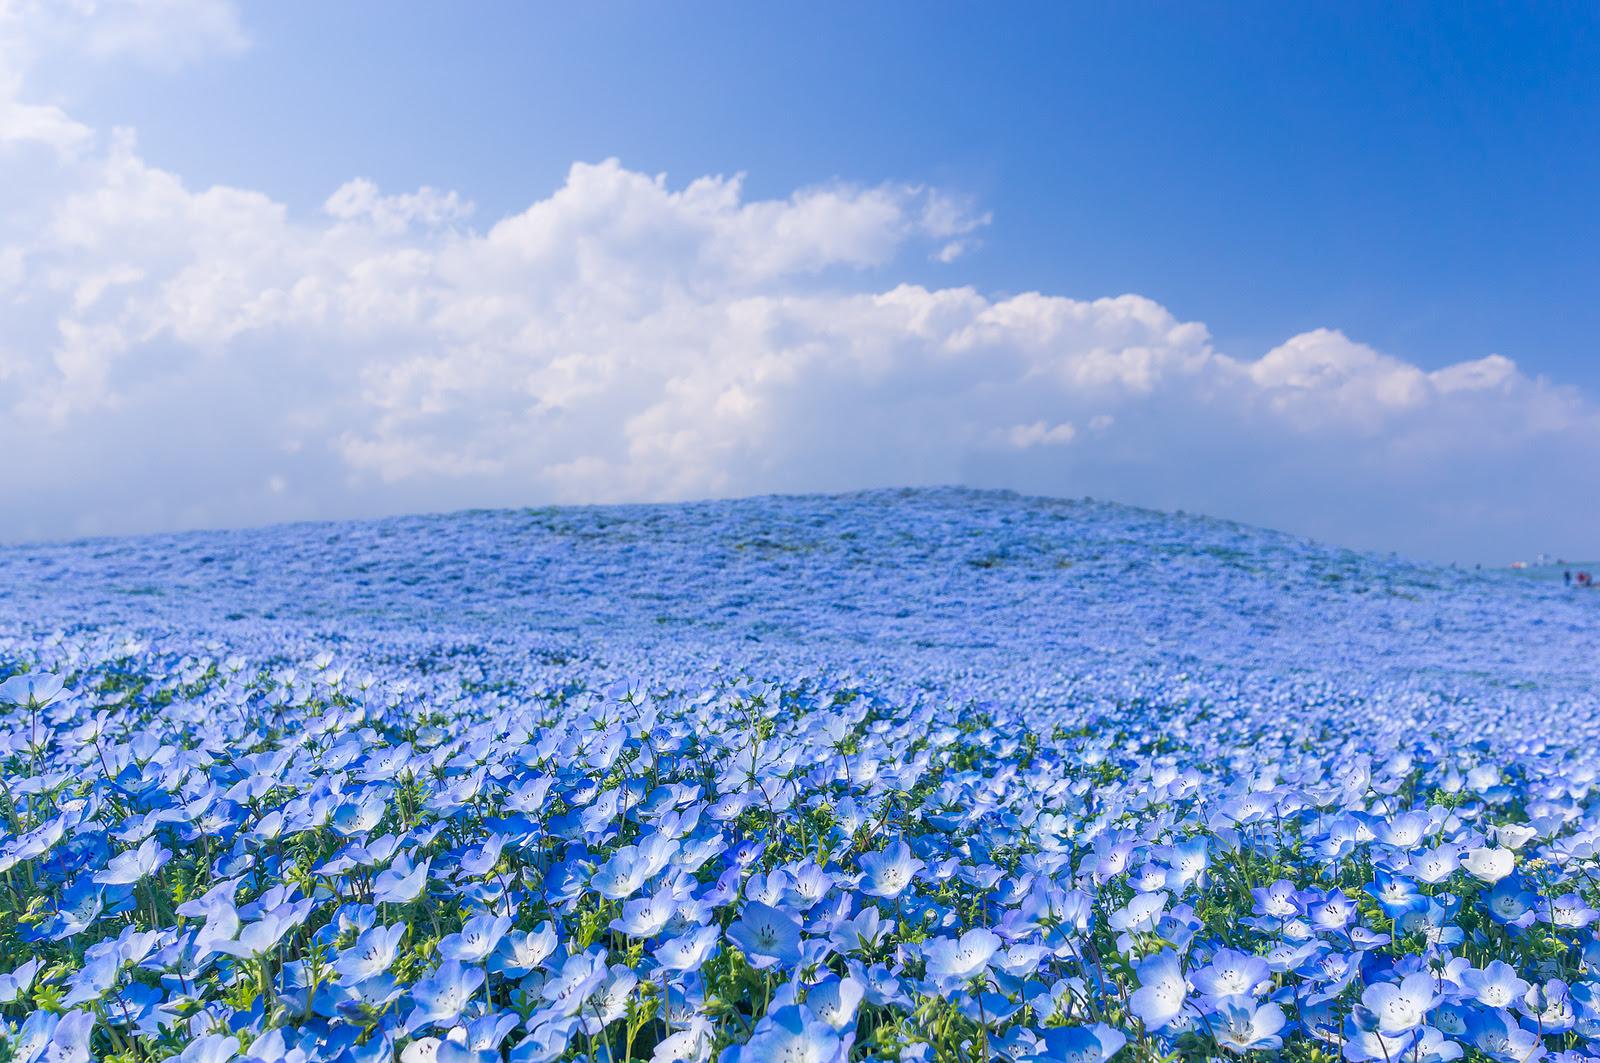 A Sea of 4.5 Million Baby Blue Eye Flowers in Japans Hitachi Seaside Park Japan flowers